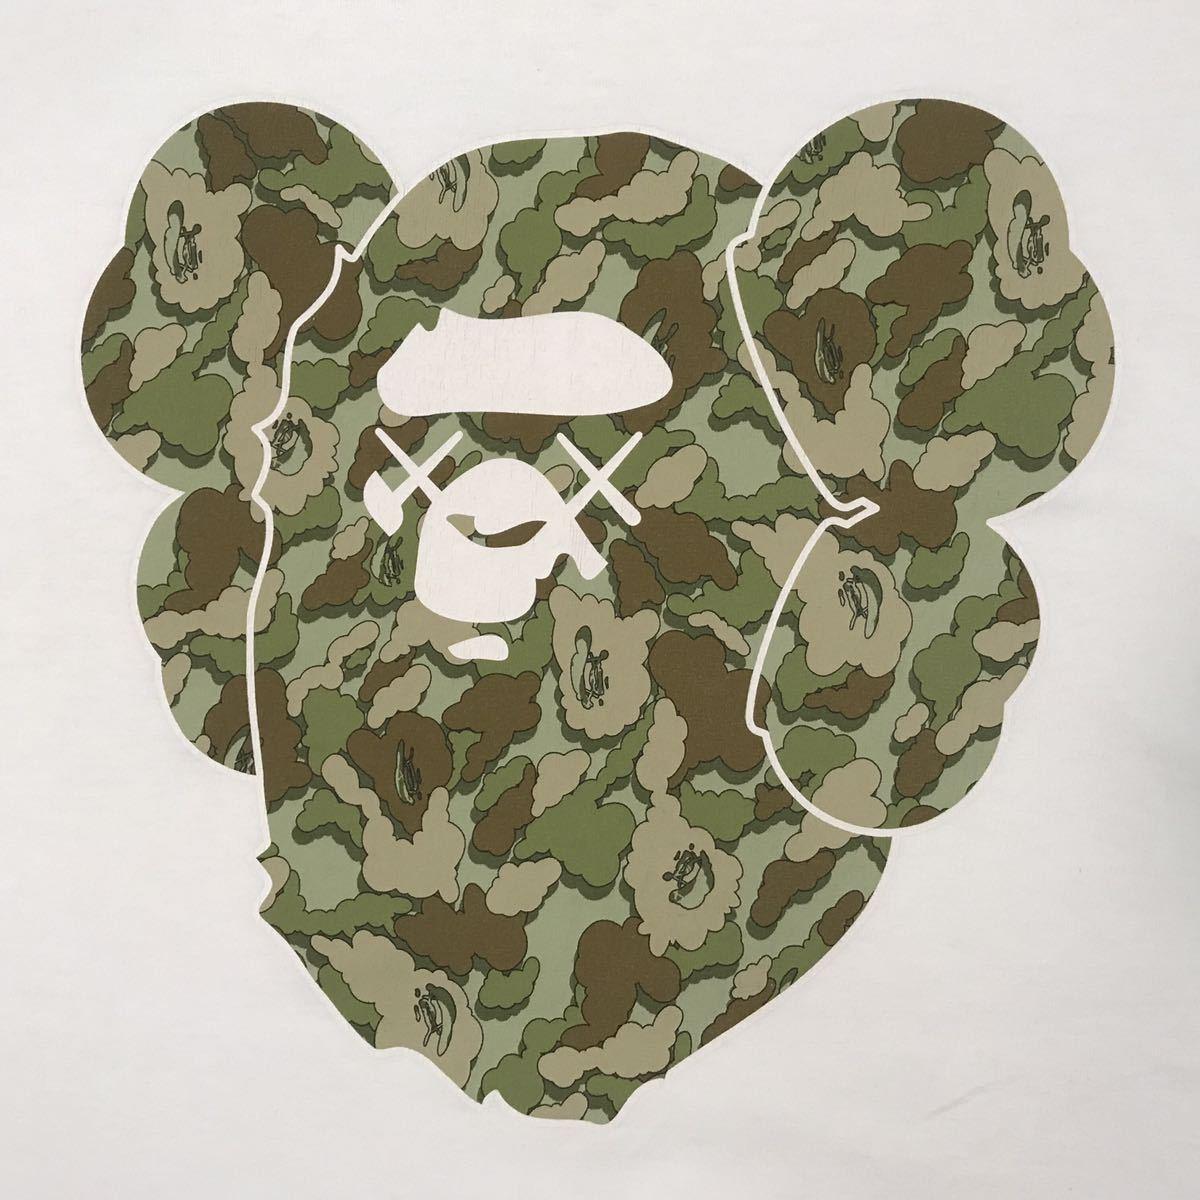 ★激レア★ kaws × bape cloud camo big head Tシャツ Lサイズ a bathing ape カウズ エイプ ベイプ アベイシングエイプ 迷彩 nigo 3252_画像2